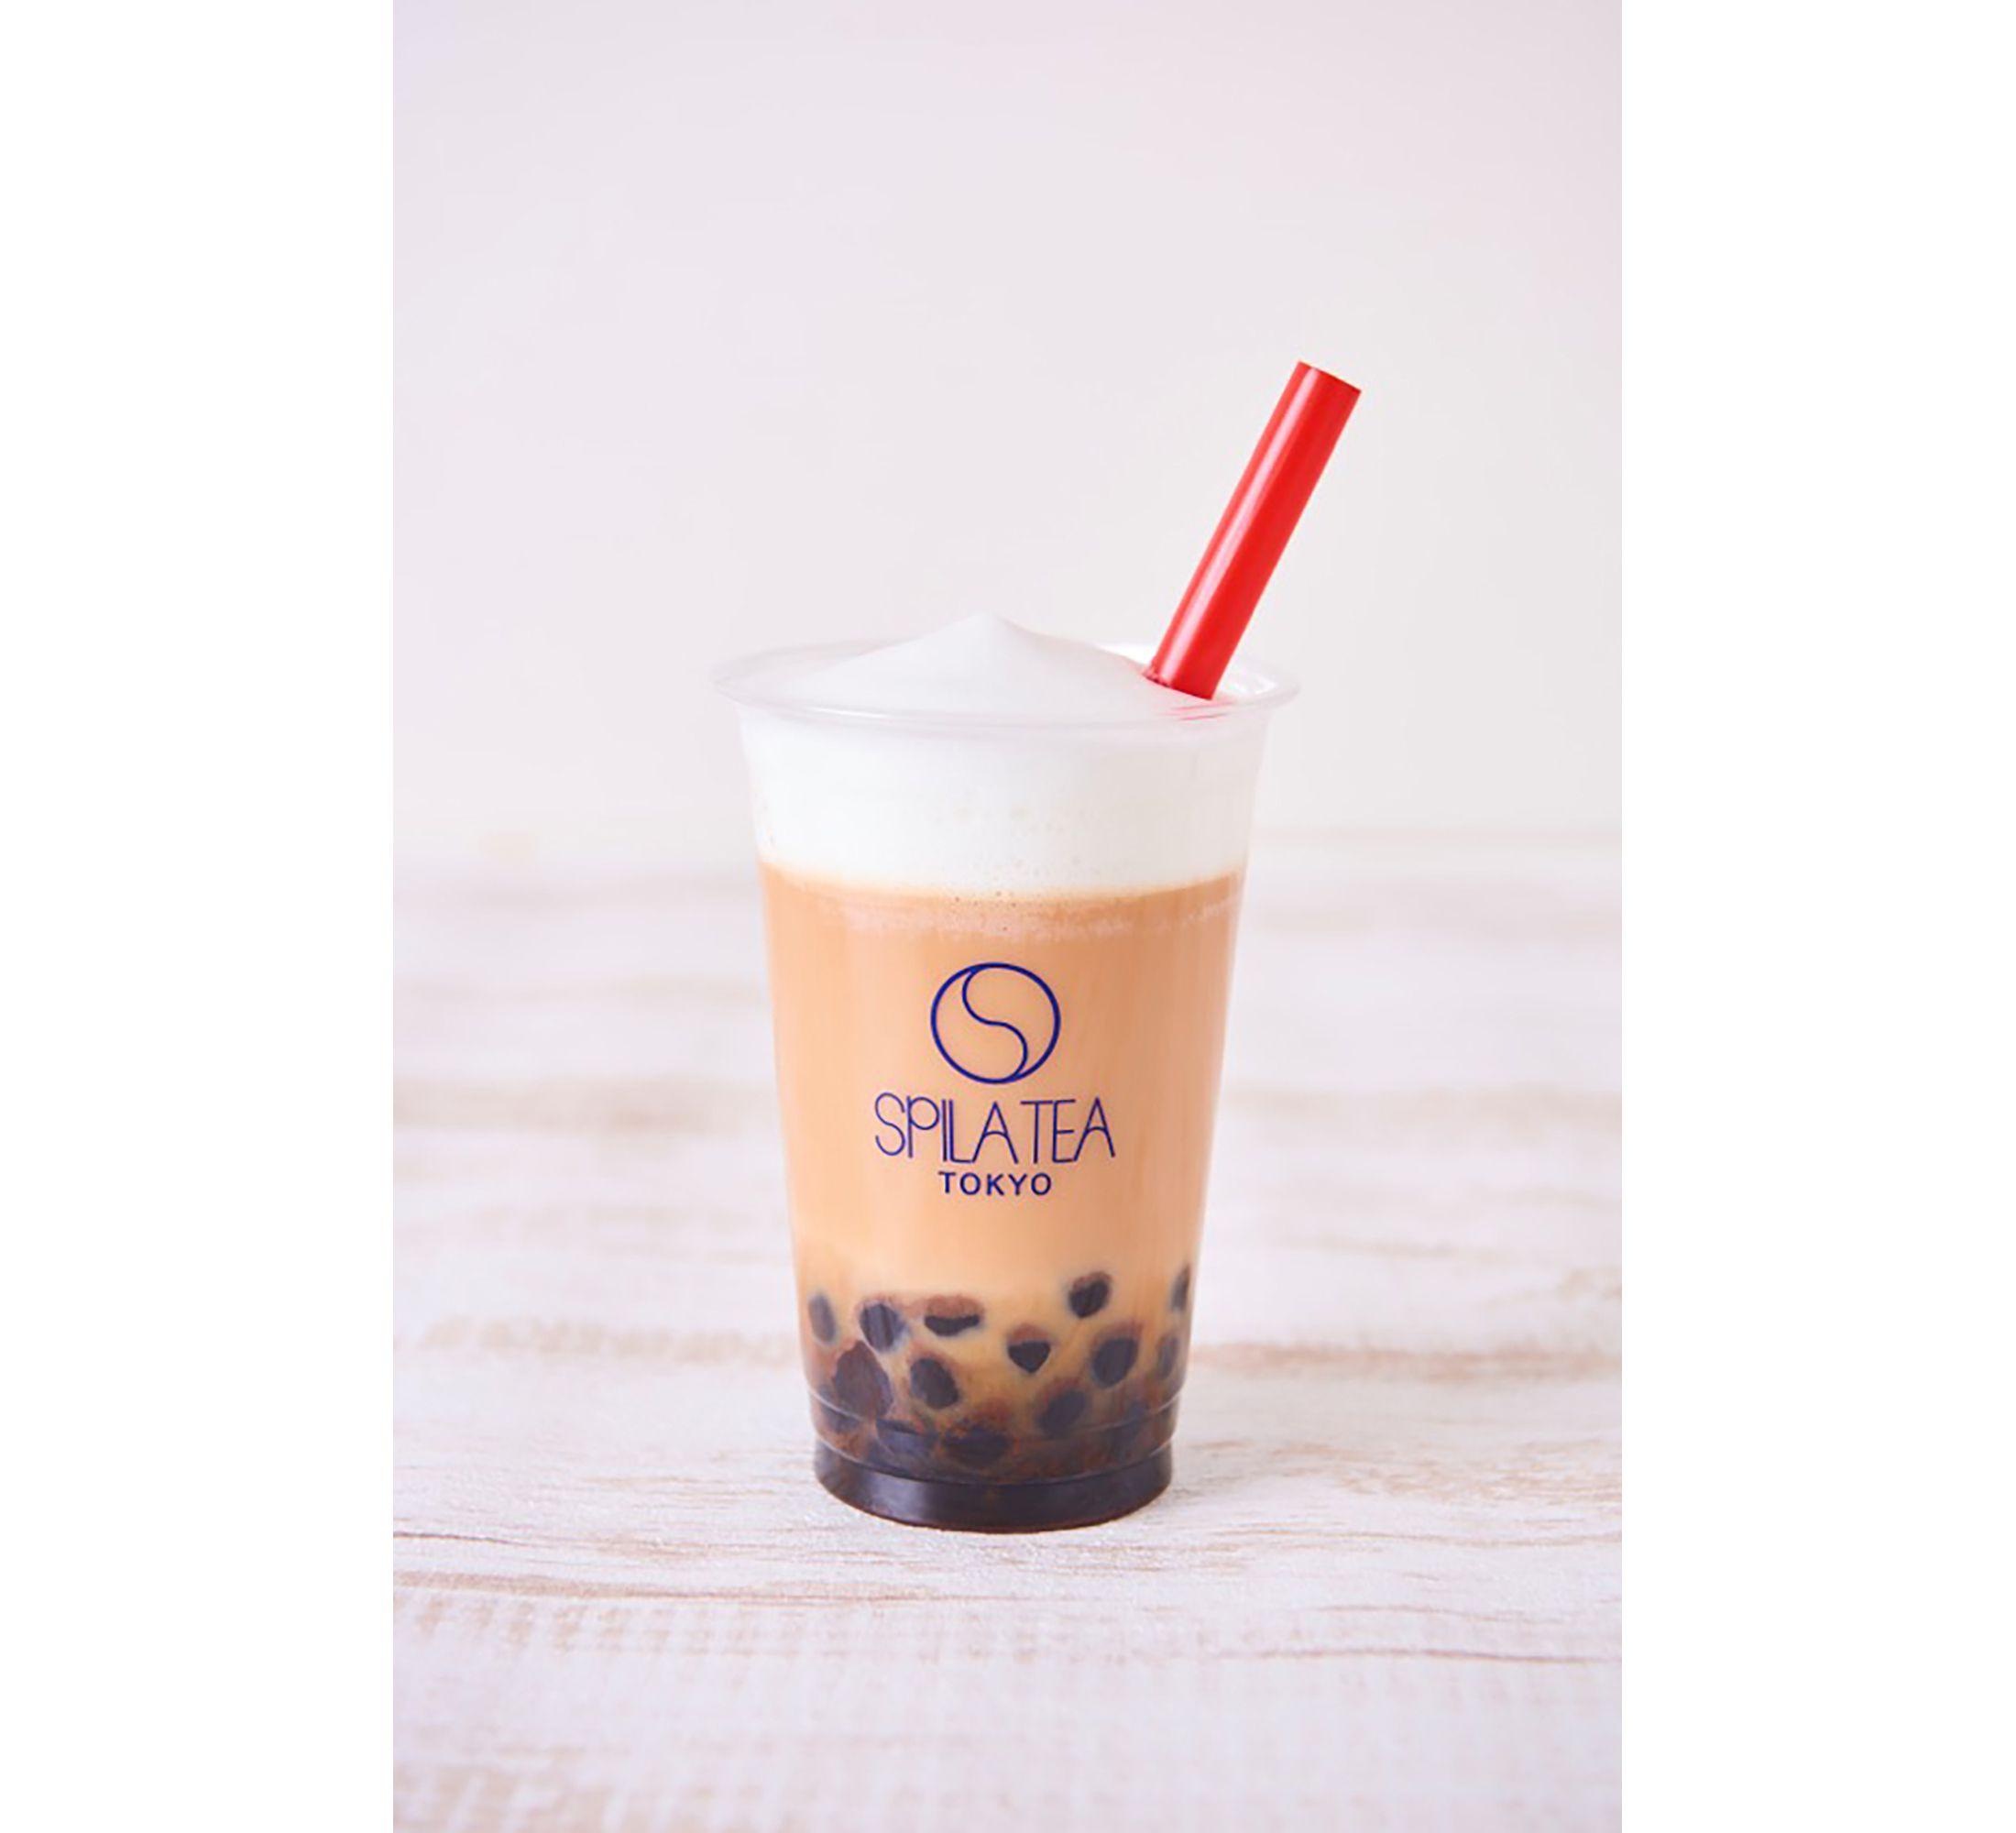 和漢茶とミルクを合わせた「和漢タピオカミルクティー」(918円)はソイミルクティーにもできる。